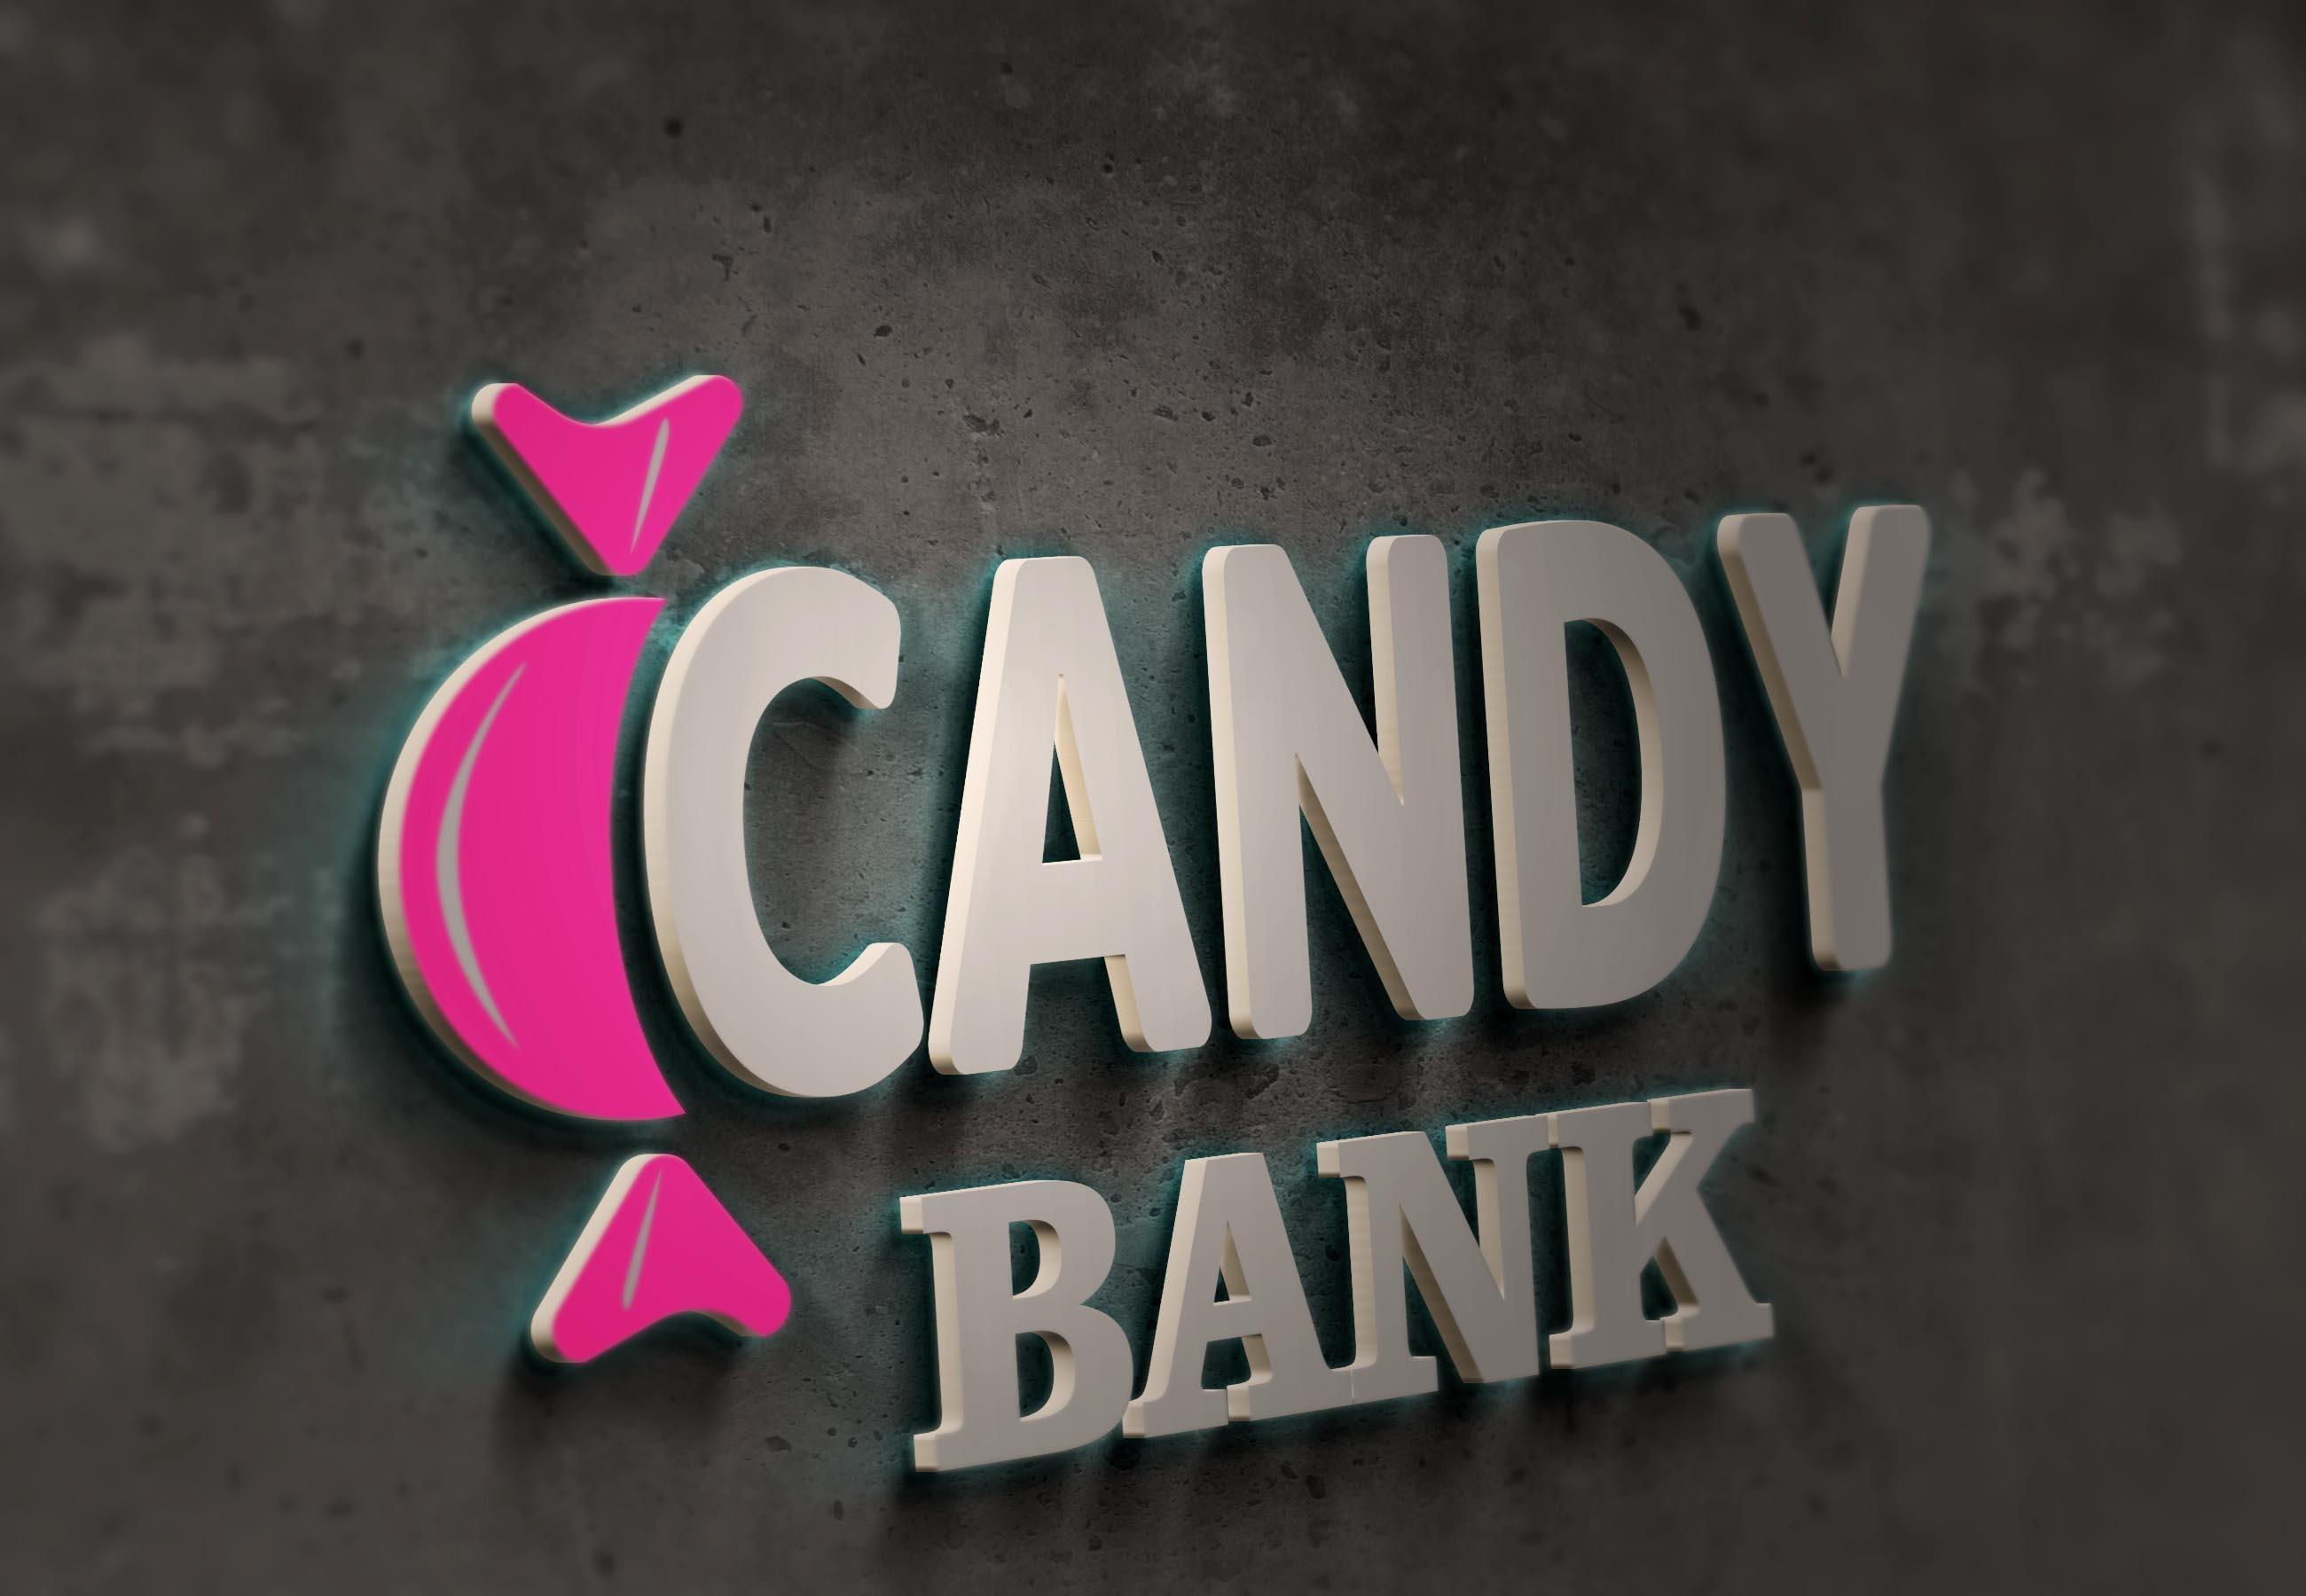 Логотип для международного банка фото f_8755d698eb02dfd7.jpg